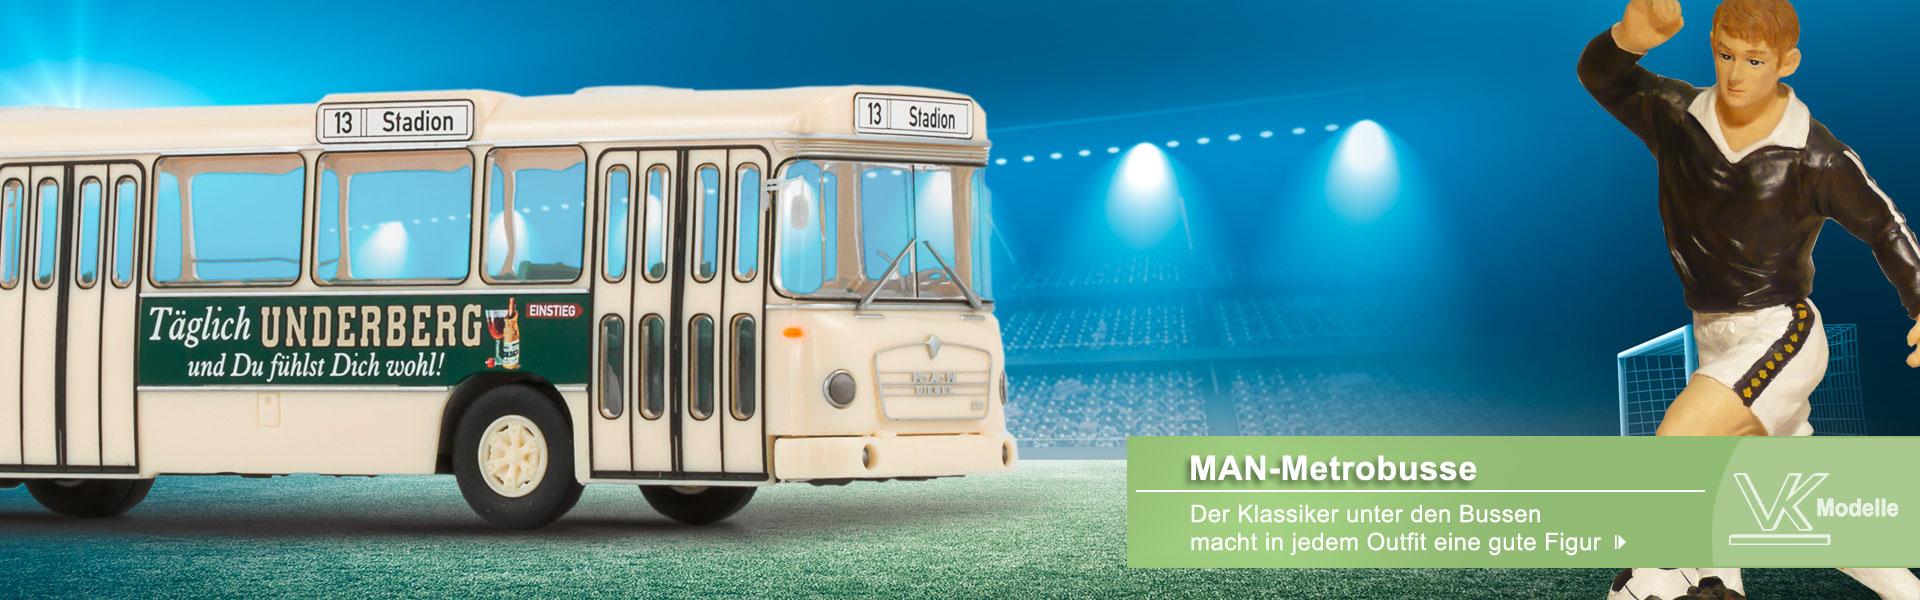 MAN-Metrobusse Underberg-Bus - VK-Modelle